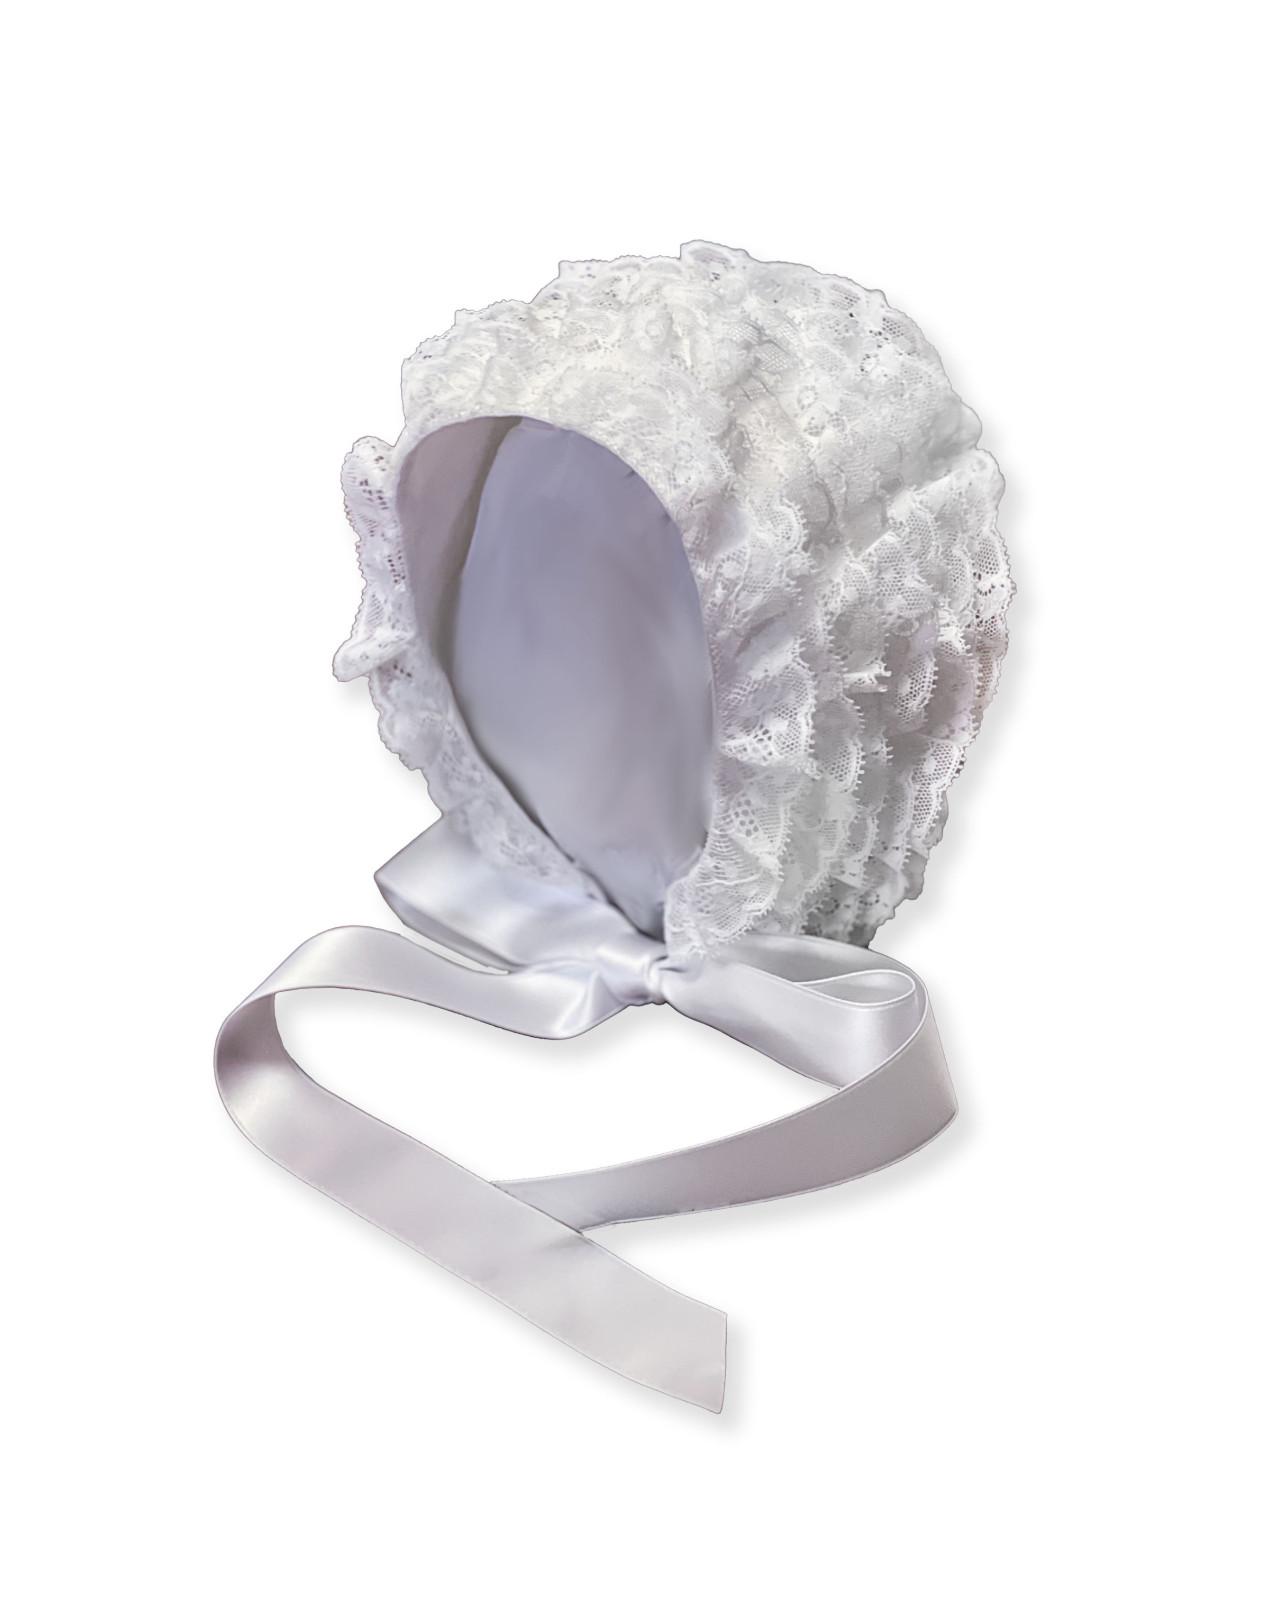 Laces Valencienne plain baby bonnet